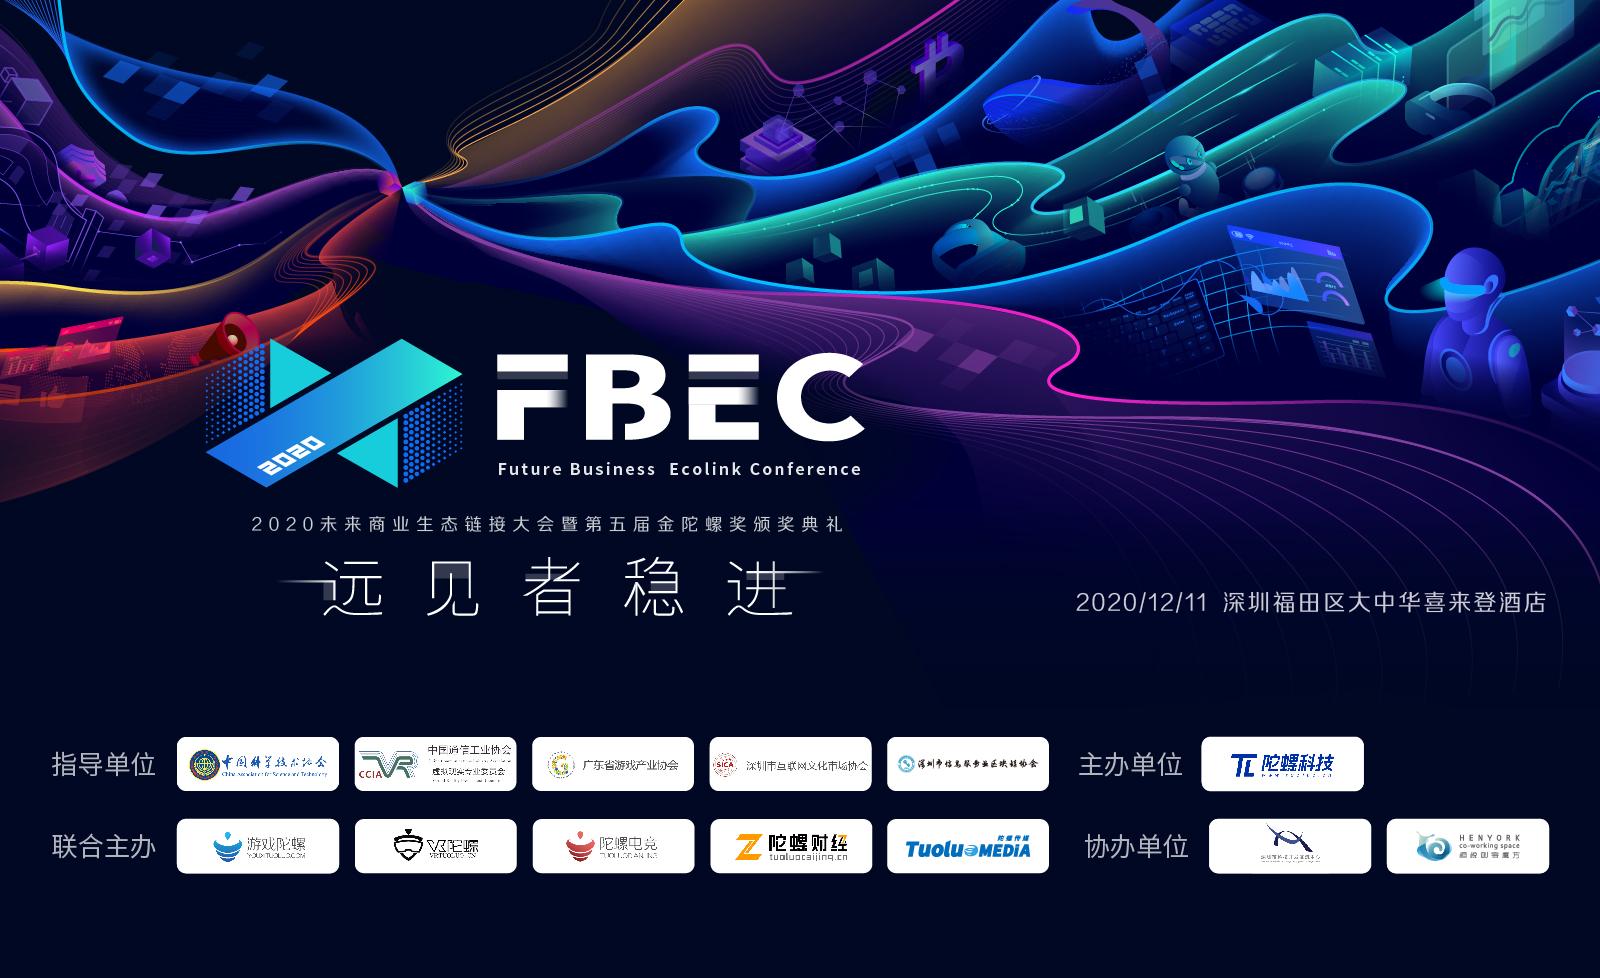 深圳市互联网文化市场协会作为指导单位支持FBEC大会召开【FBEC2020】